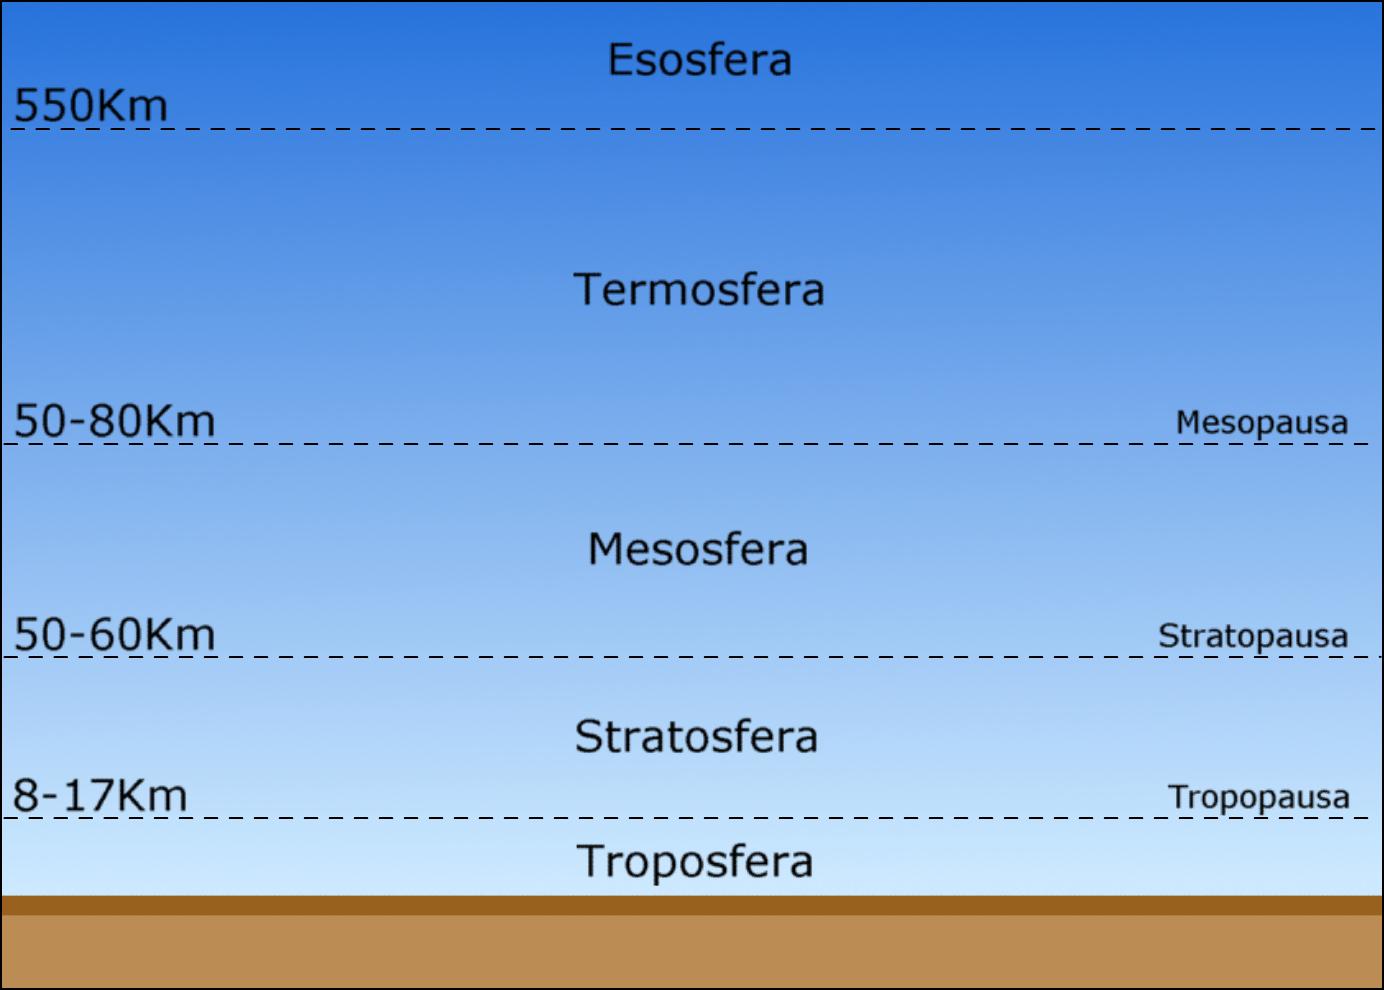 Las Otras Capas De La Tierra Tienen Tambi  N Nombres Griegos  La